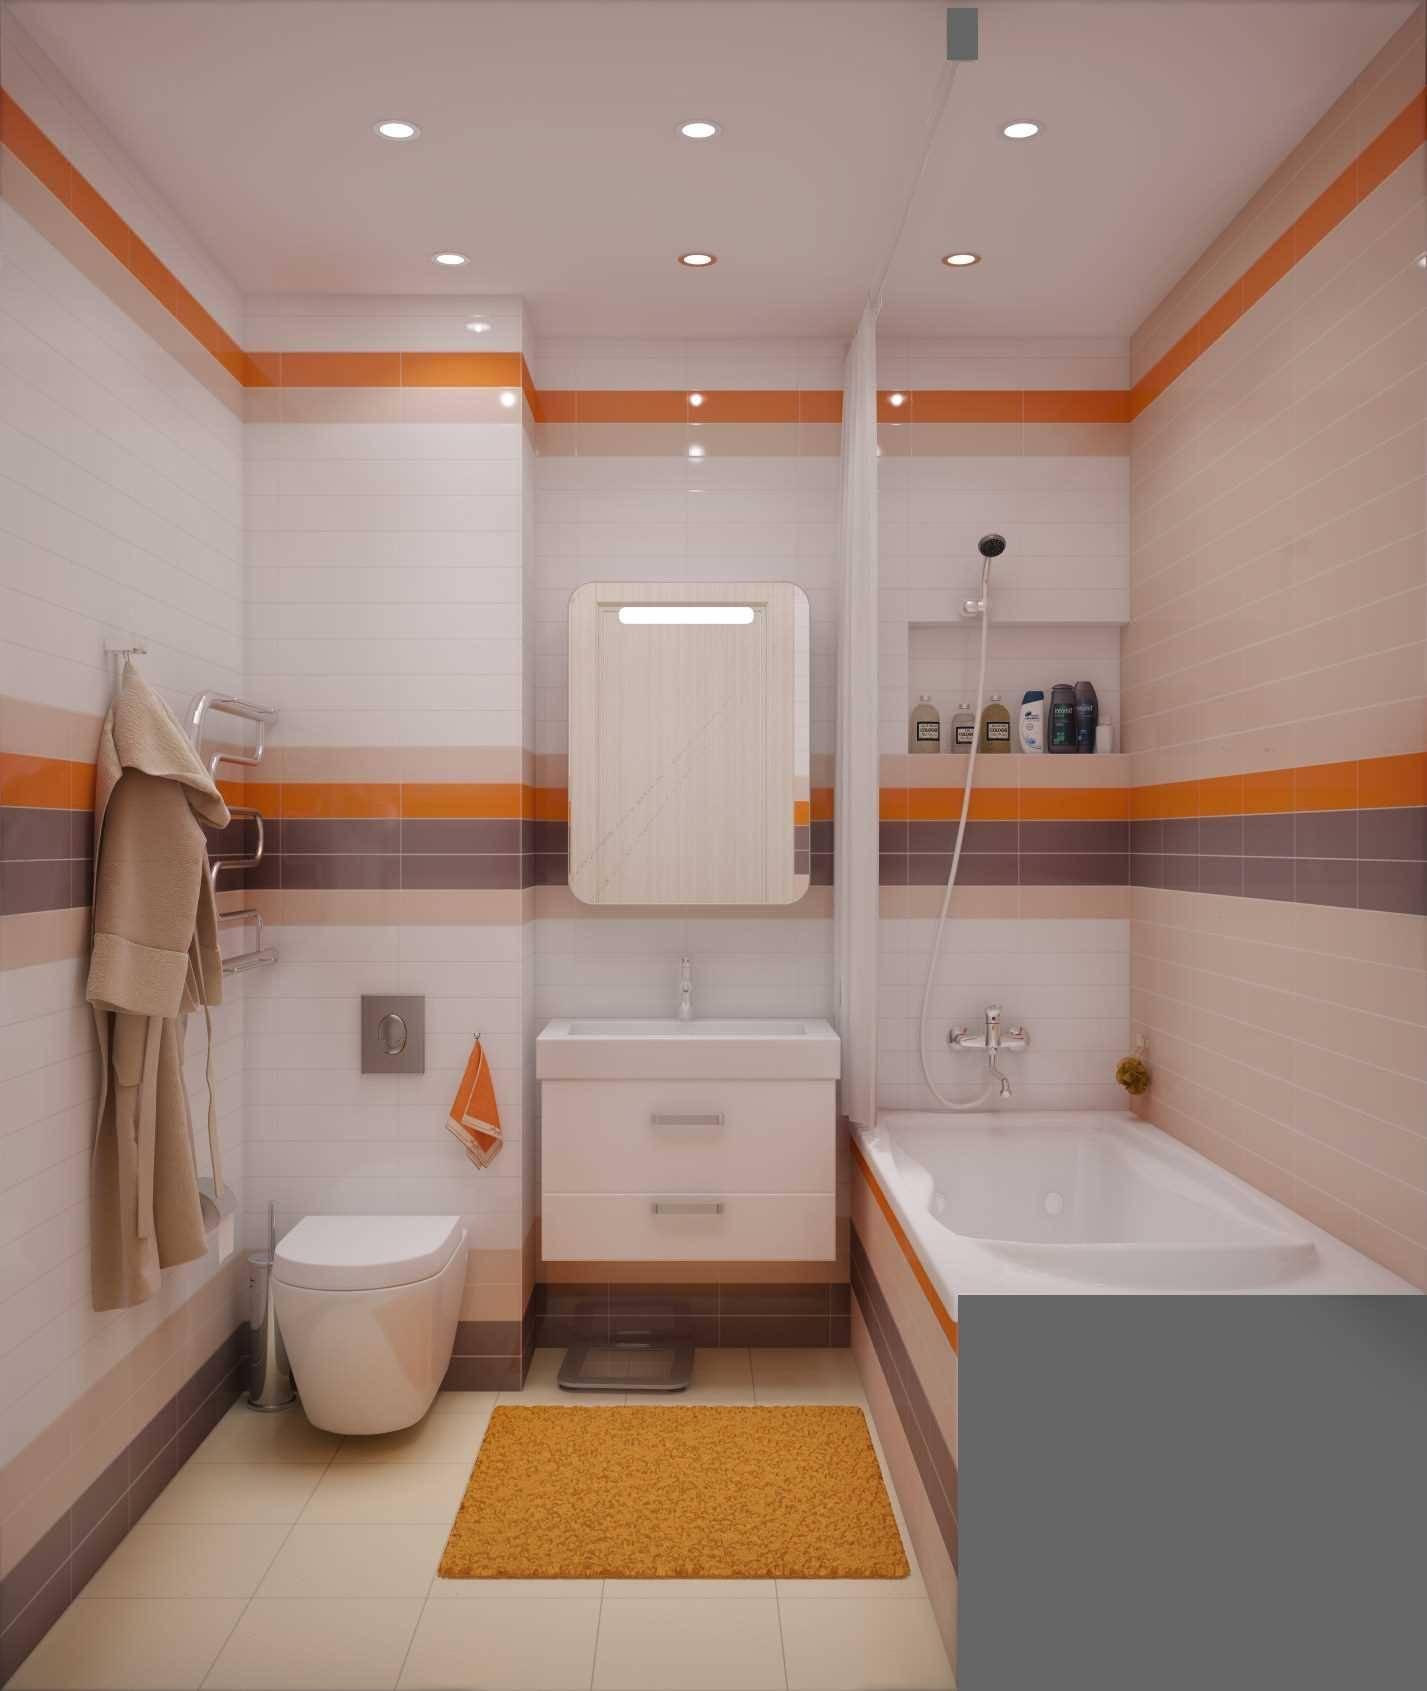 Дизайн ванной комнаты 4 кв.м.: планировка помещения и выбор отделки